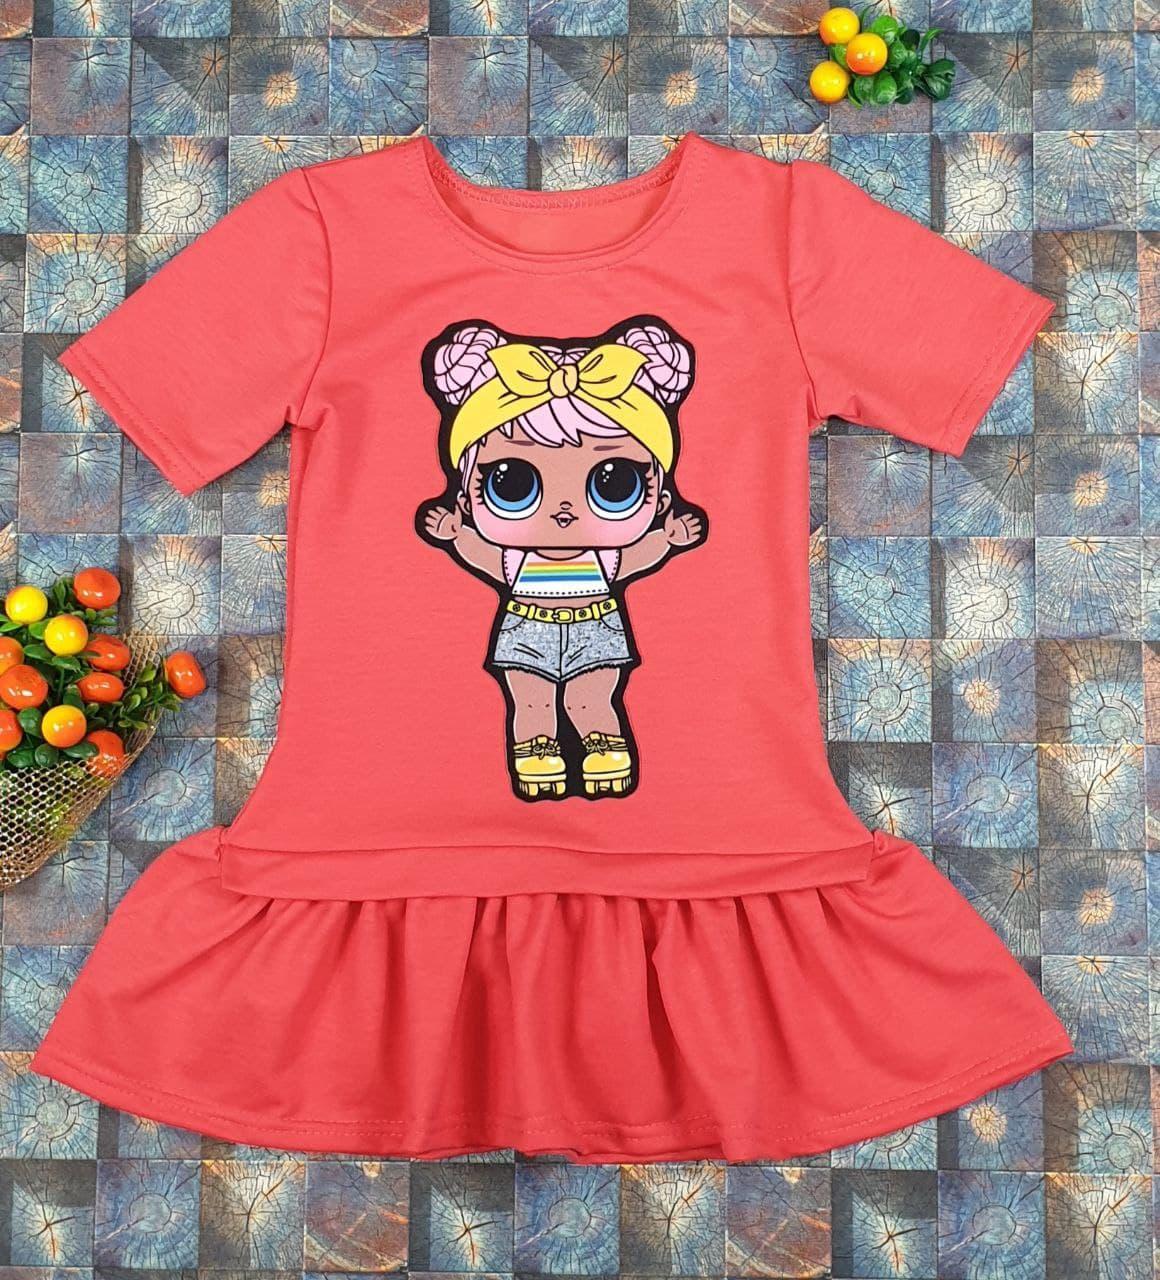 Платье Лола с коротким рукавом  на девочку 104, 110, 116, 122 см, коралловый